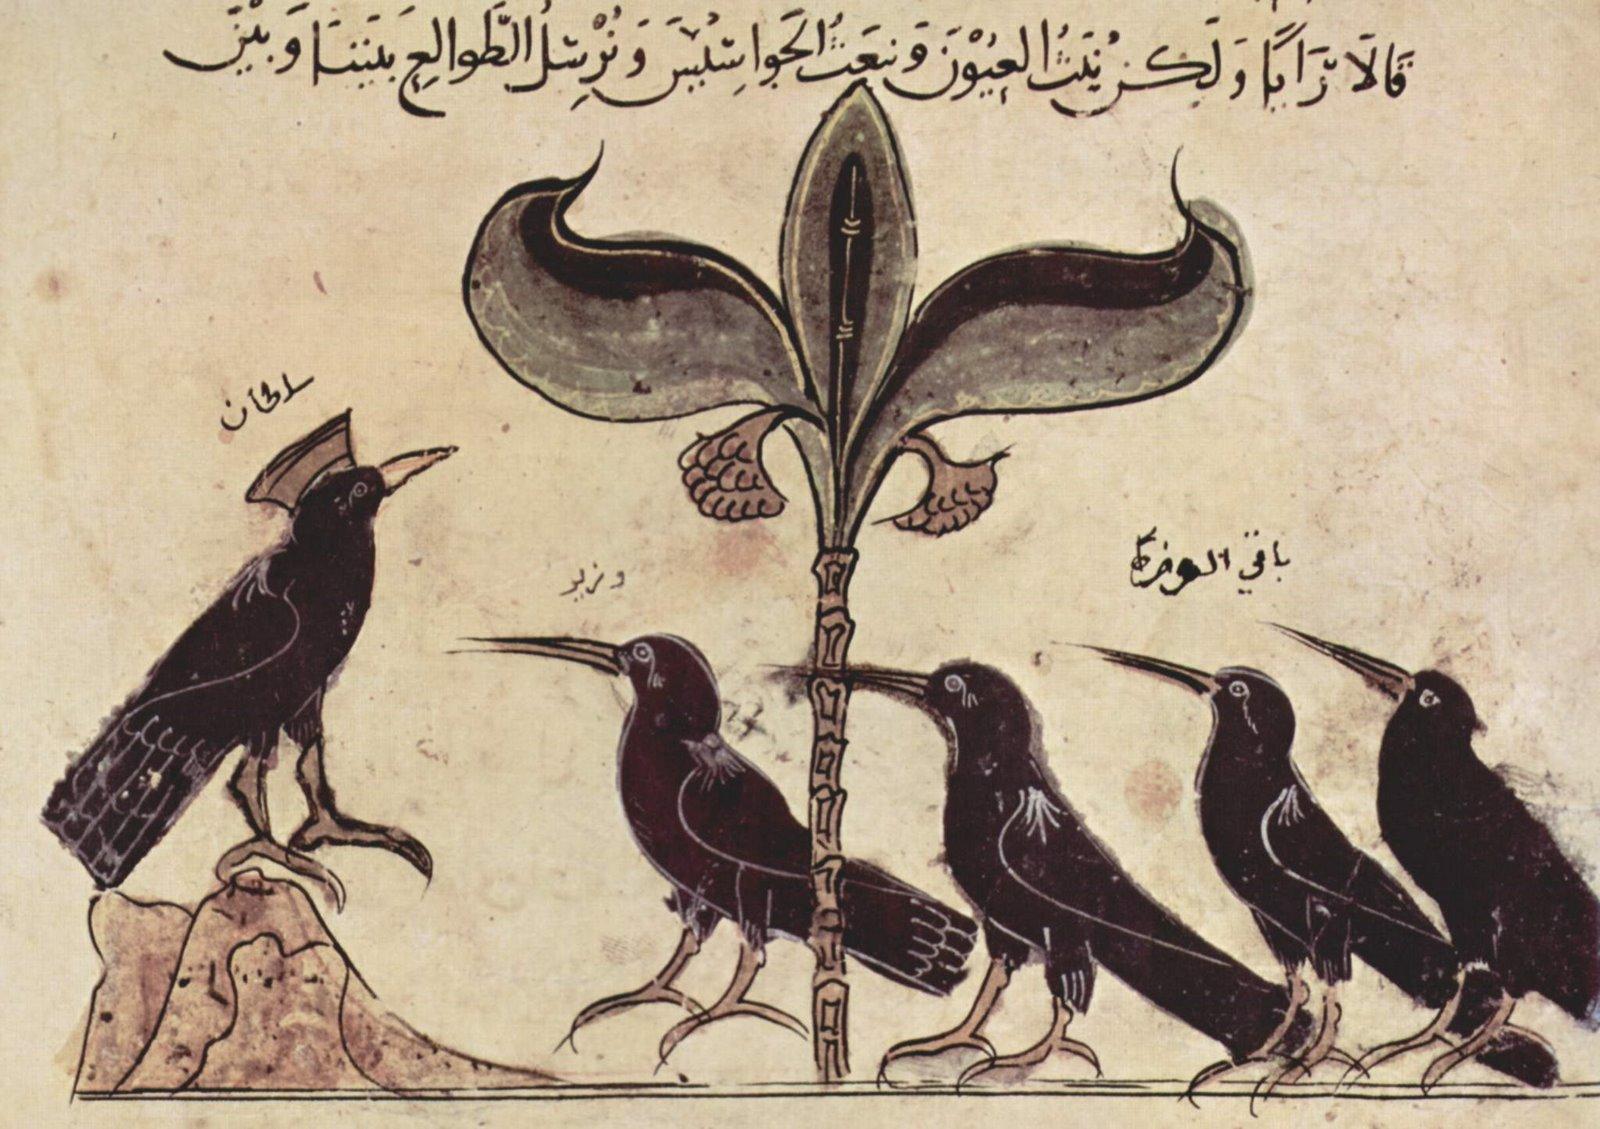 Loài quạ ngày Thất Tịch qua các tác phẩm hội họa thế giới. Ảnh 3